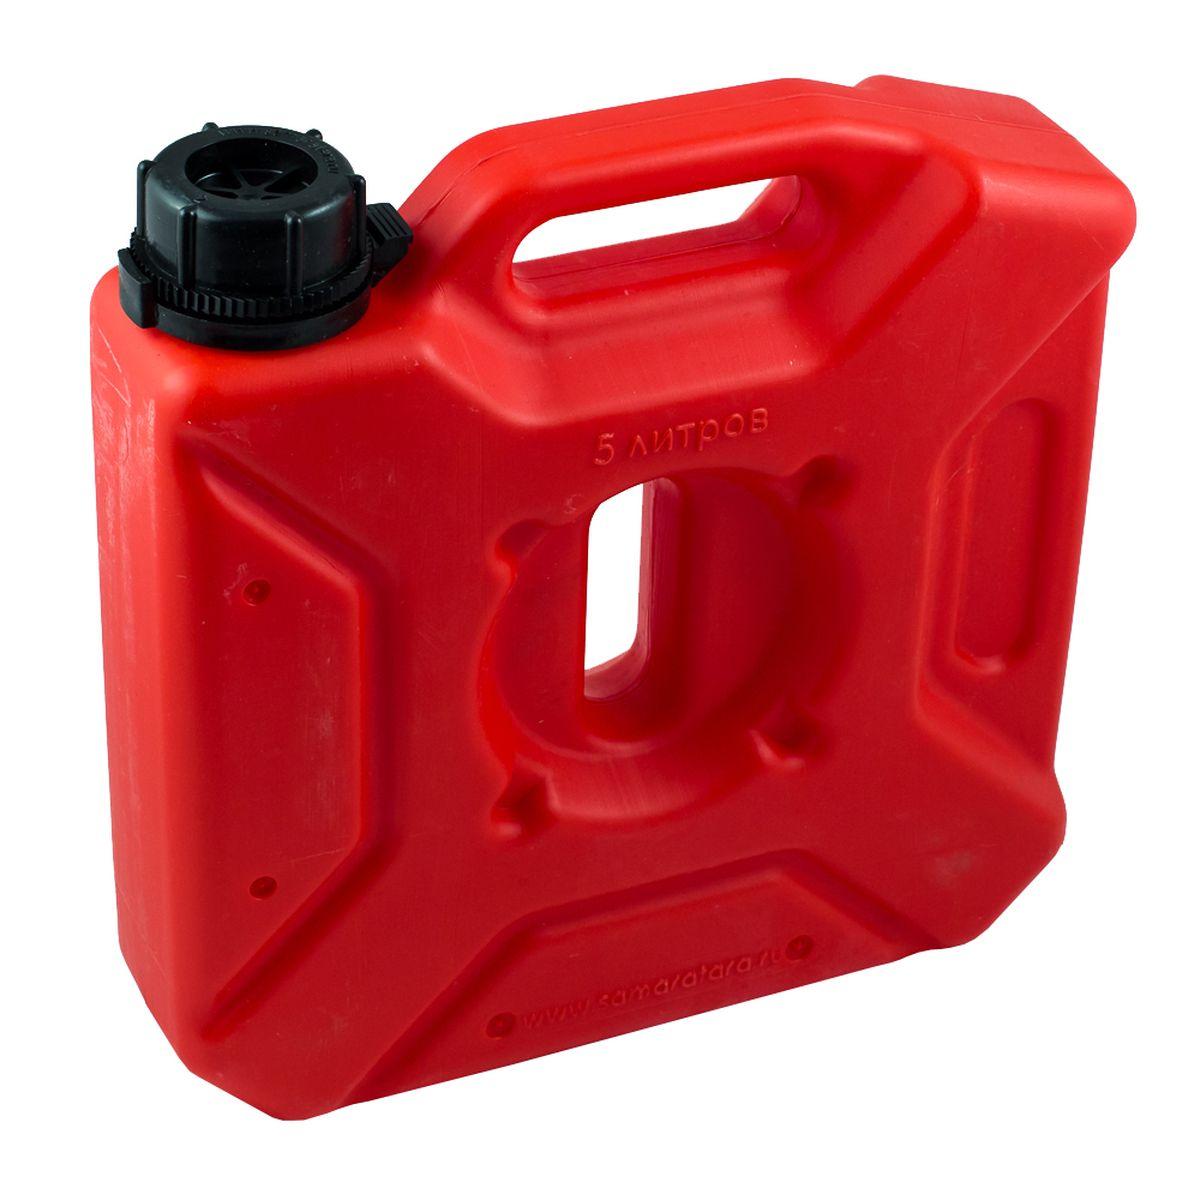 Канистра Экстрим Плюс, цвет: красный, 5 л какой мотоцикл бу можно или квадроцикл за 30 000